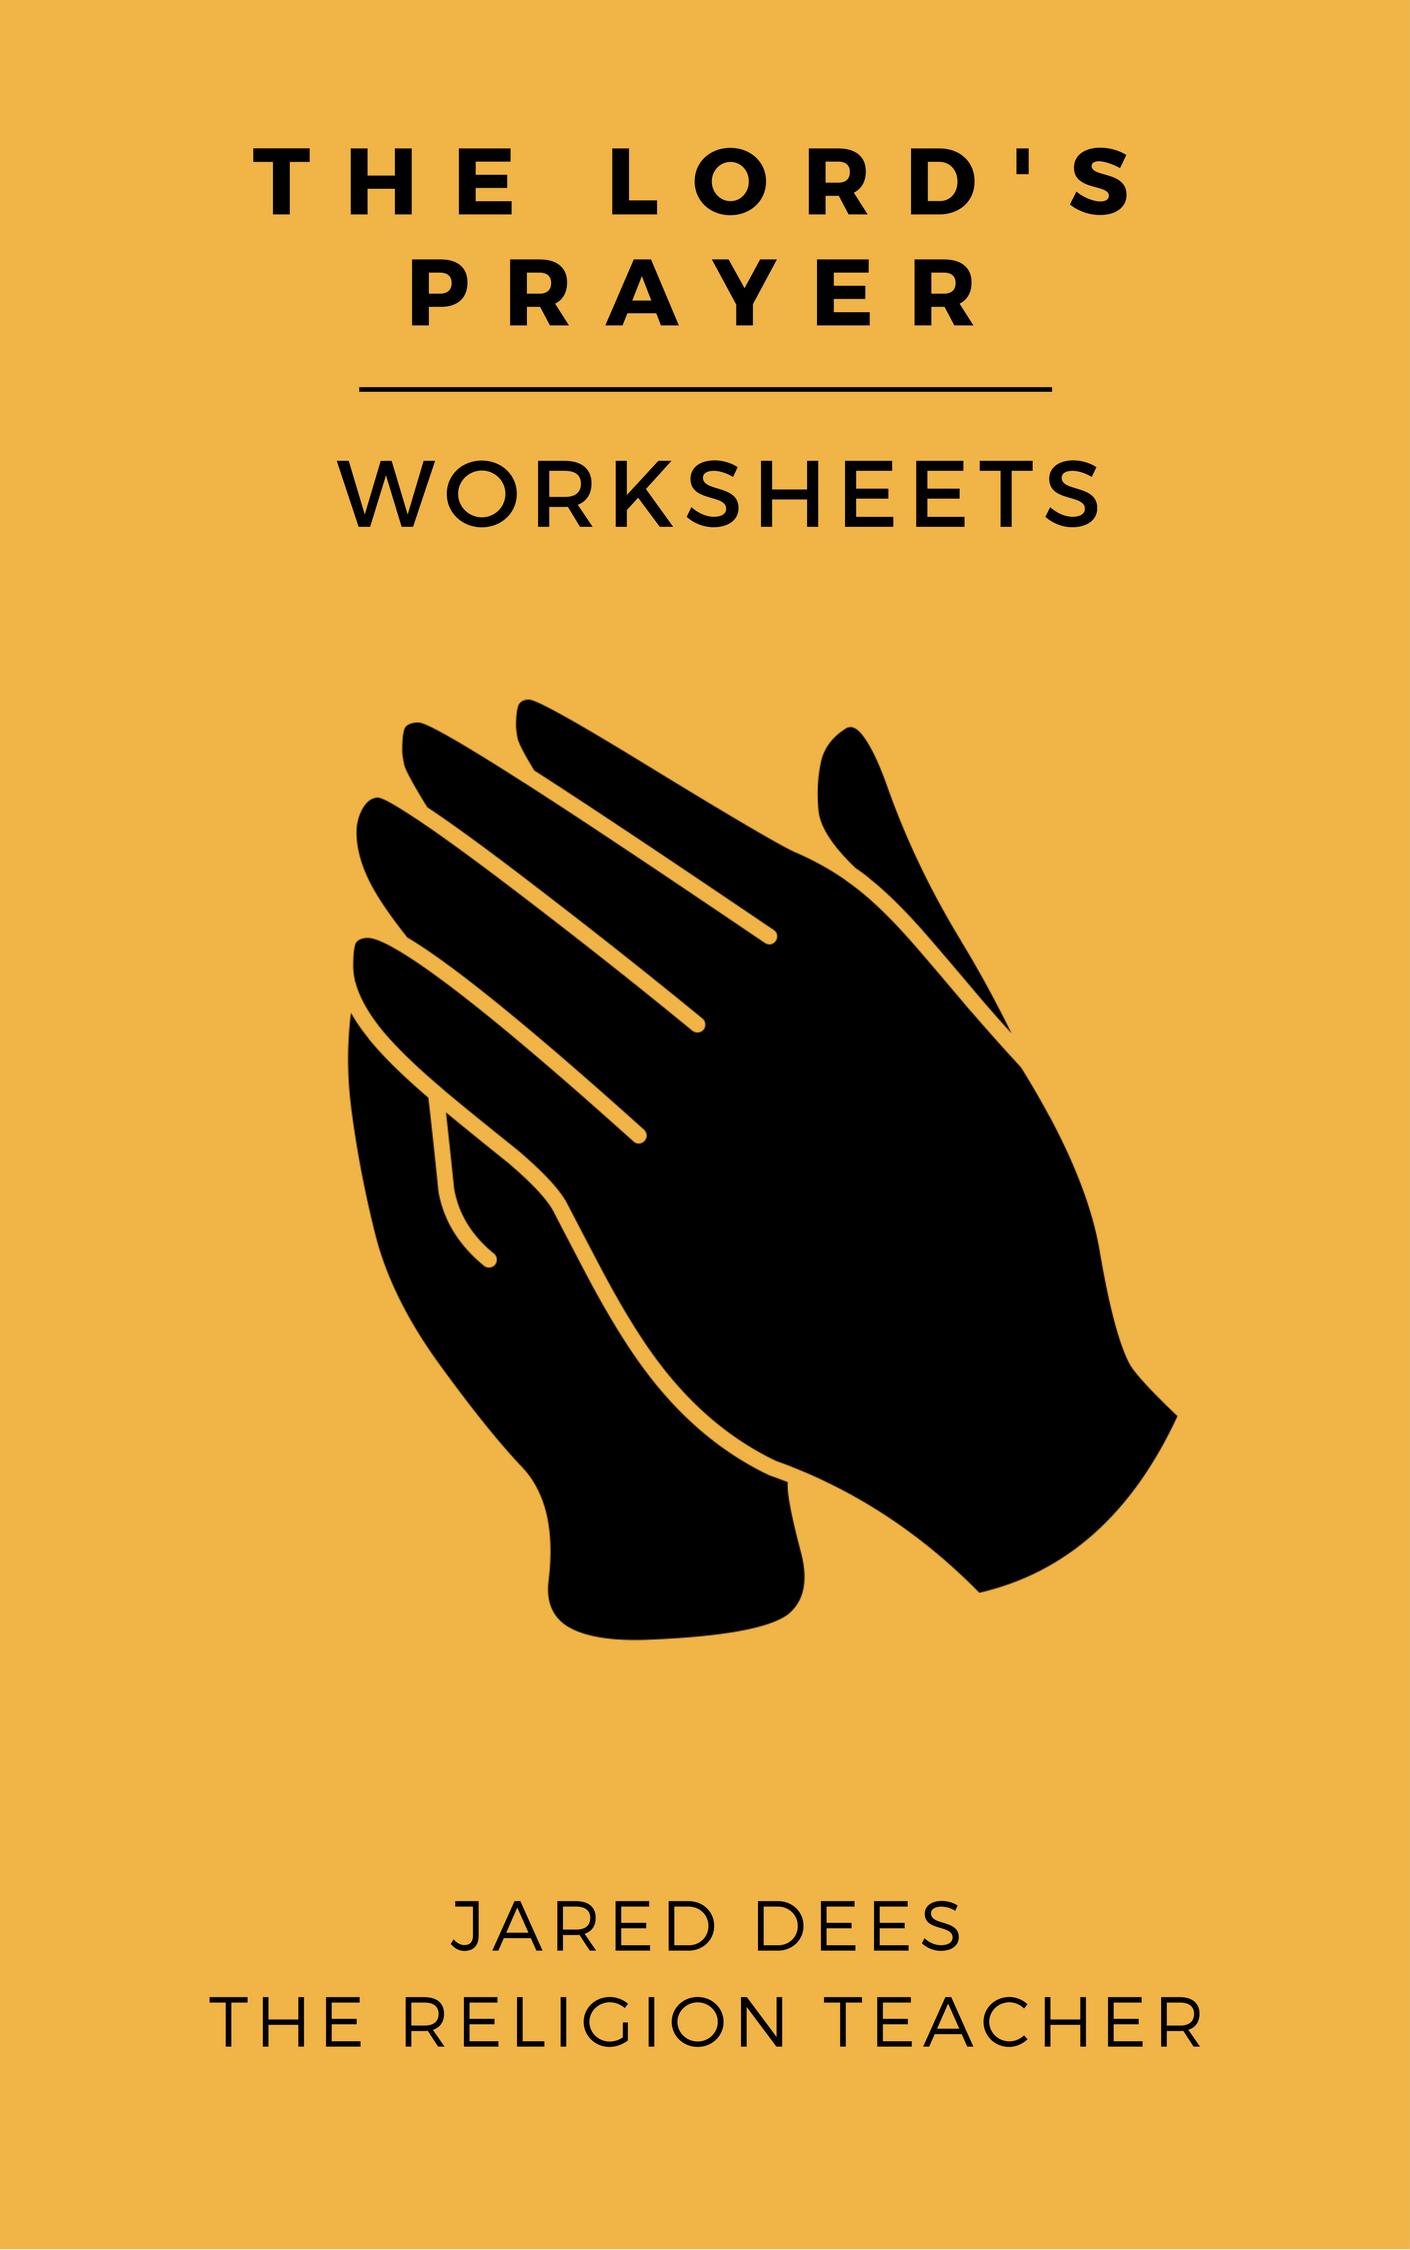 Pin On Catholic Worksheets